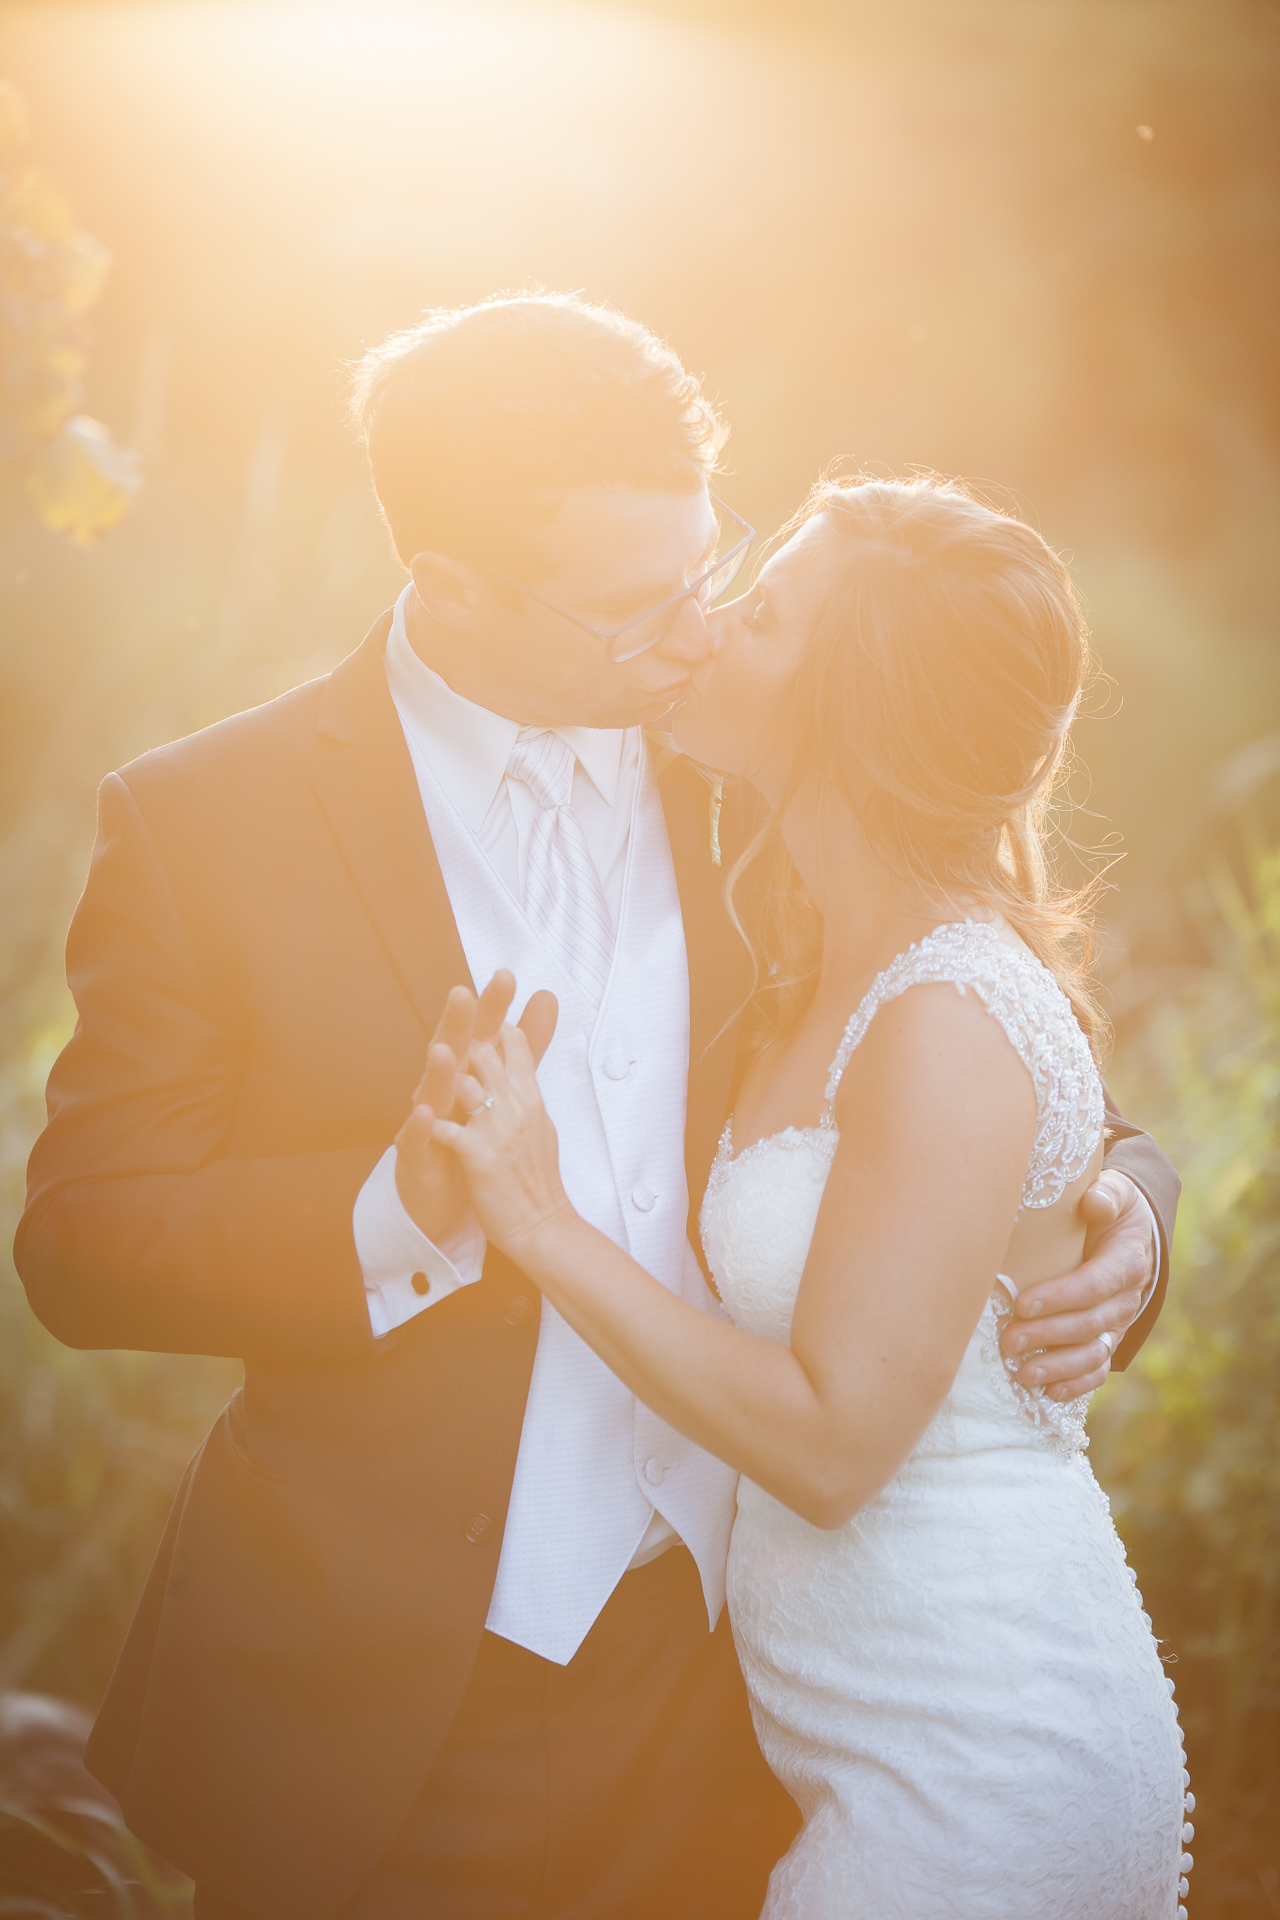 Saugeen Shores wedding photography